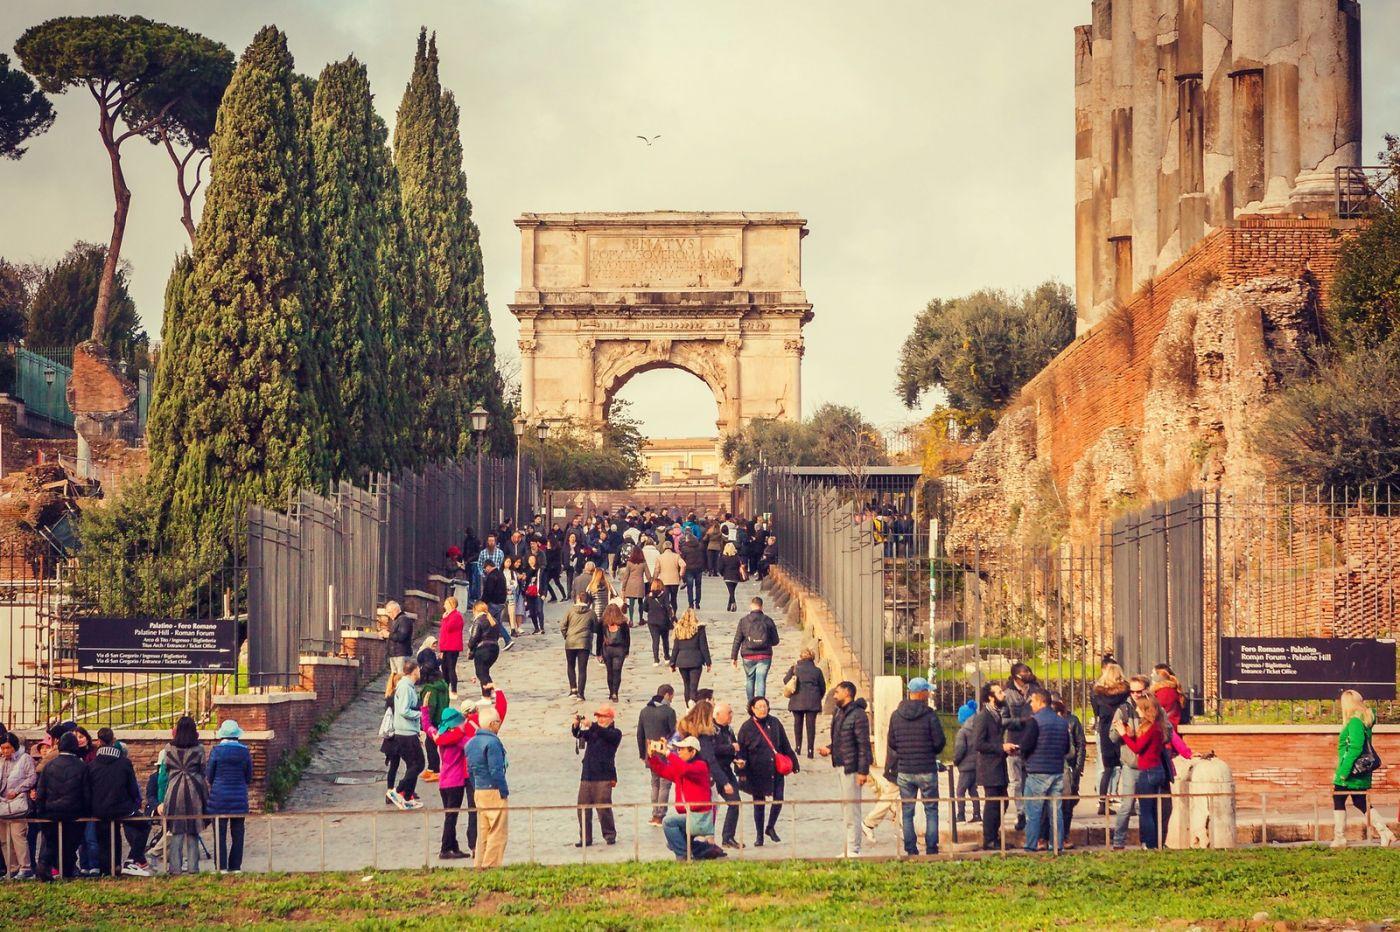 意大利罗马论坛,很敬佩_图1-27